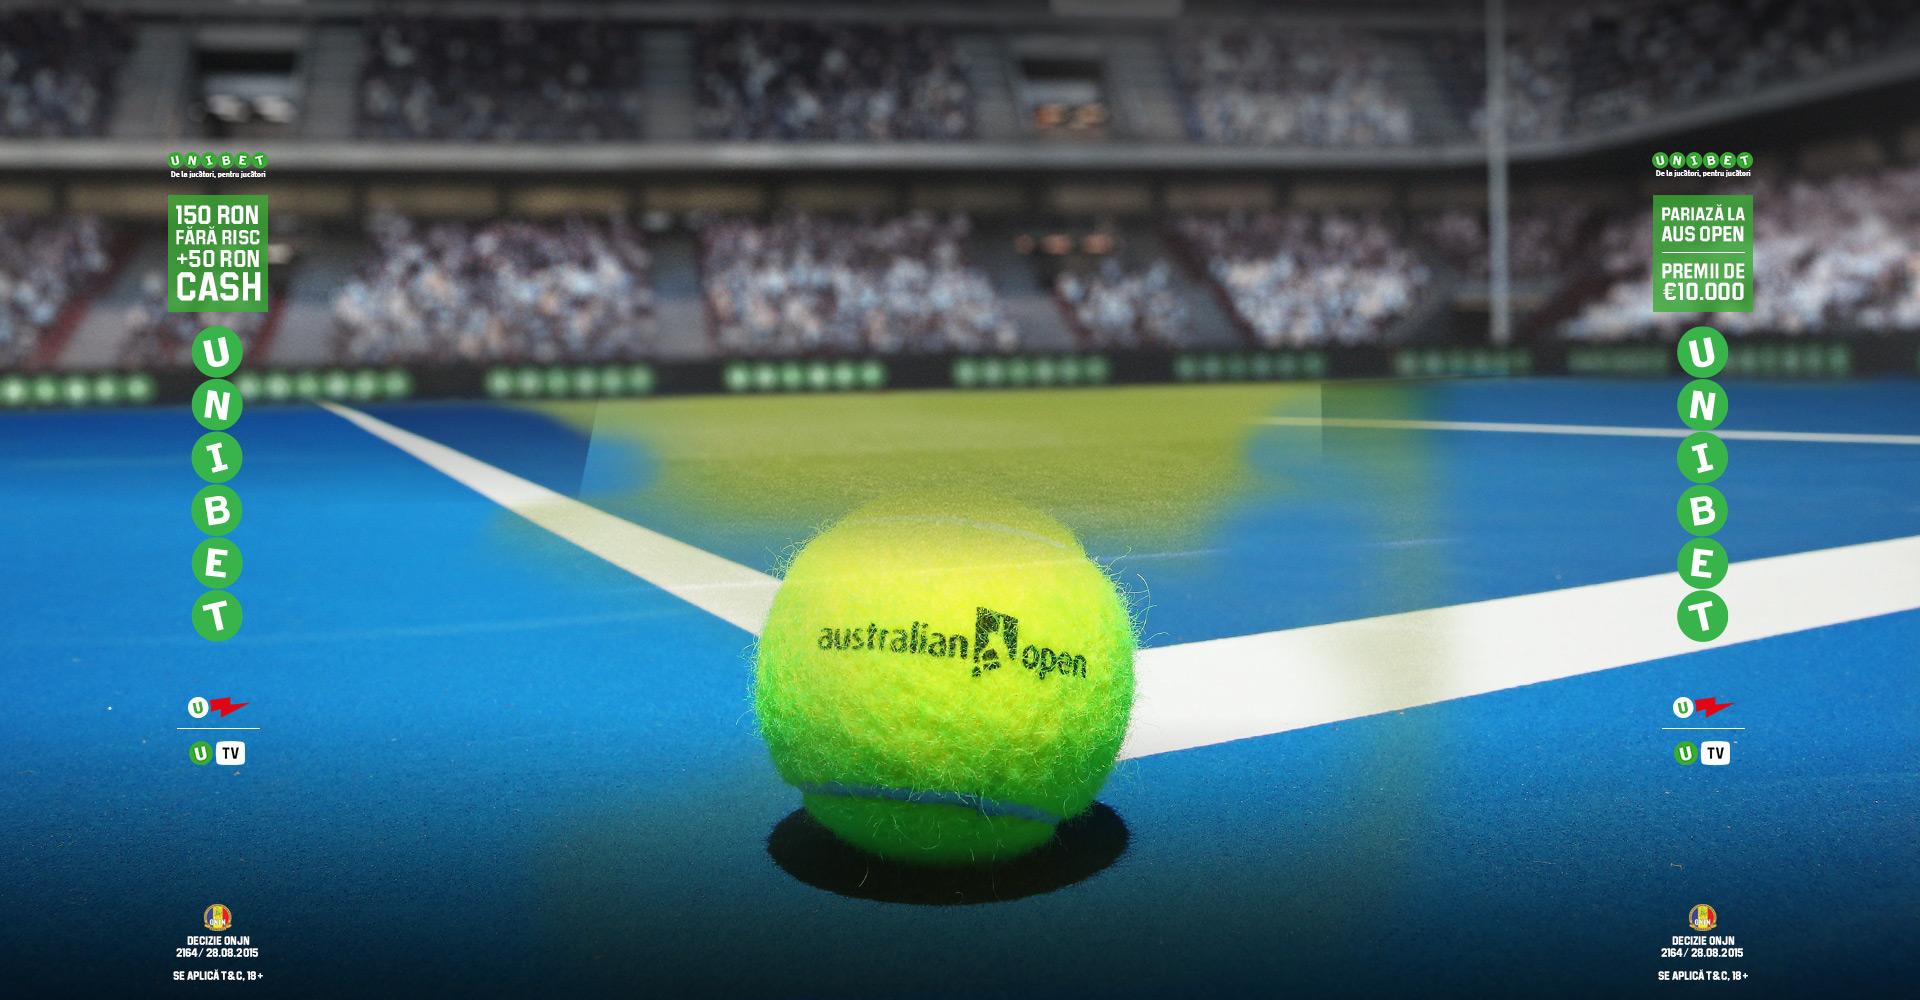 BILETUL ZILEI (20-01-2016) – Australian Open